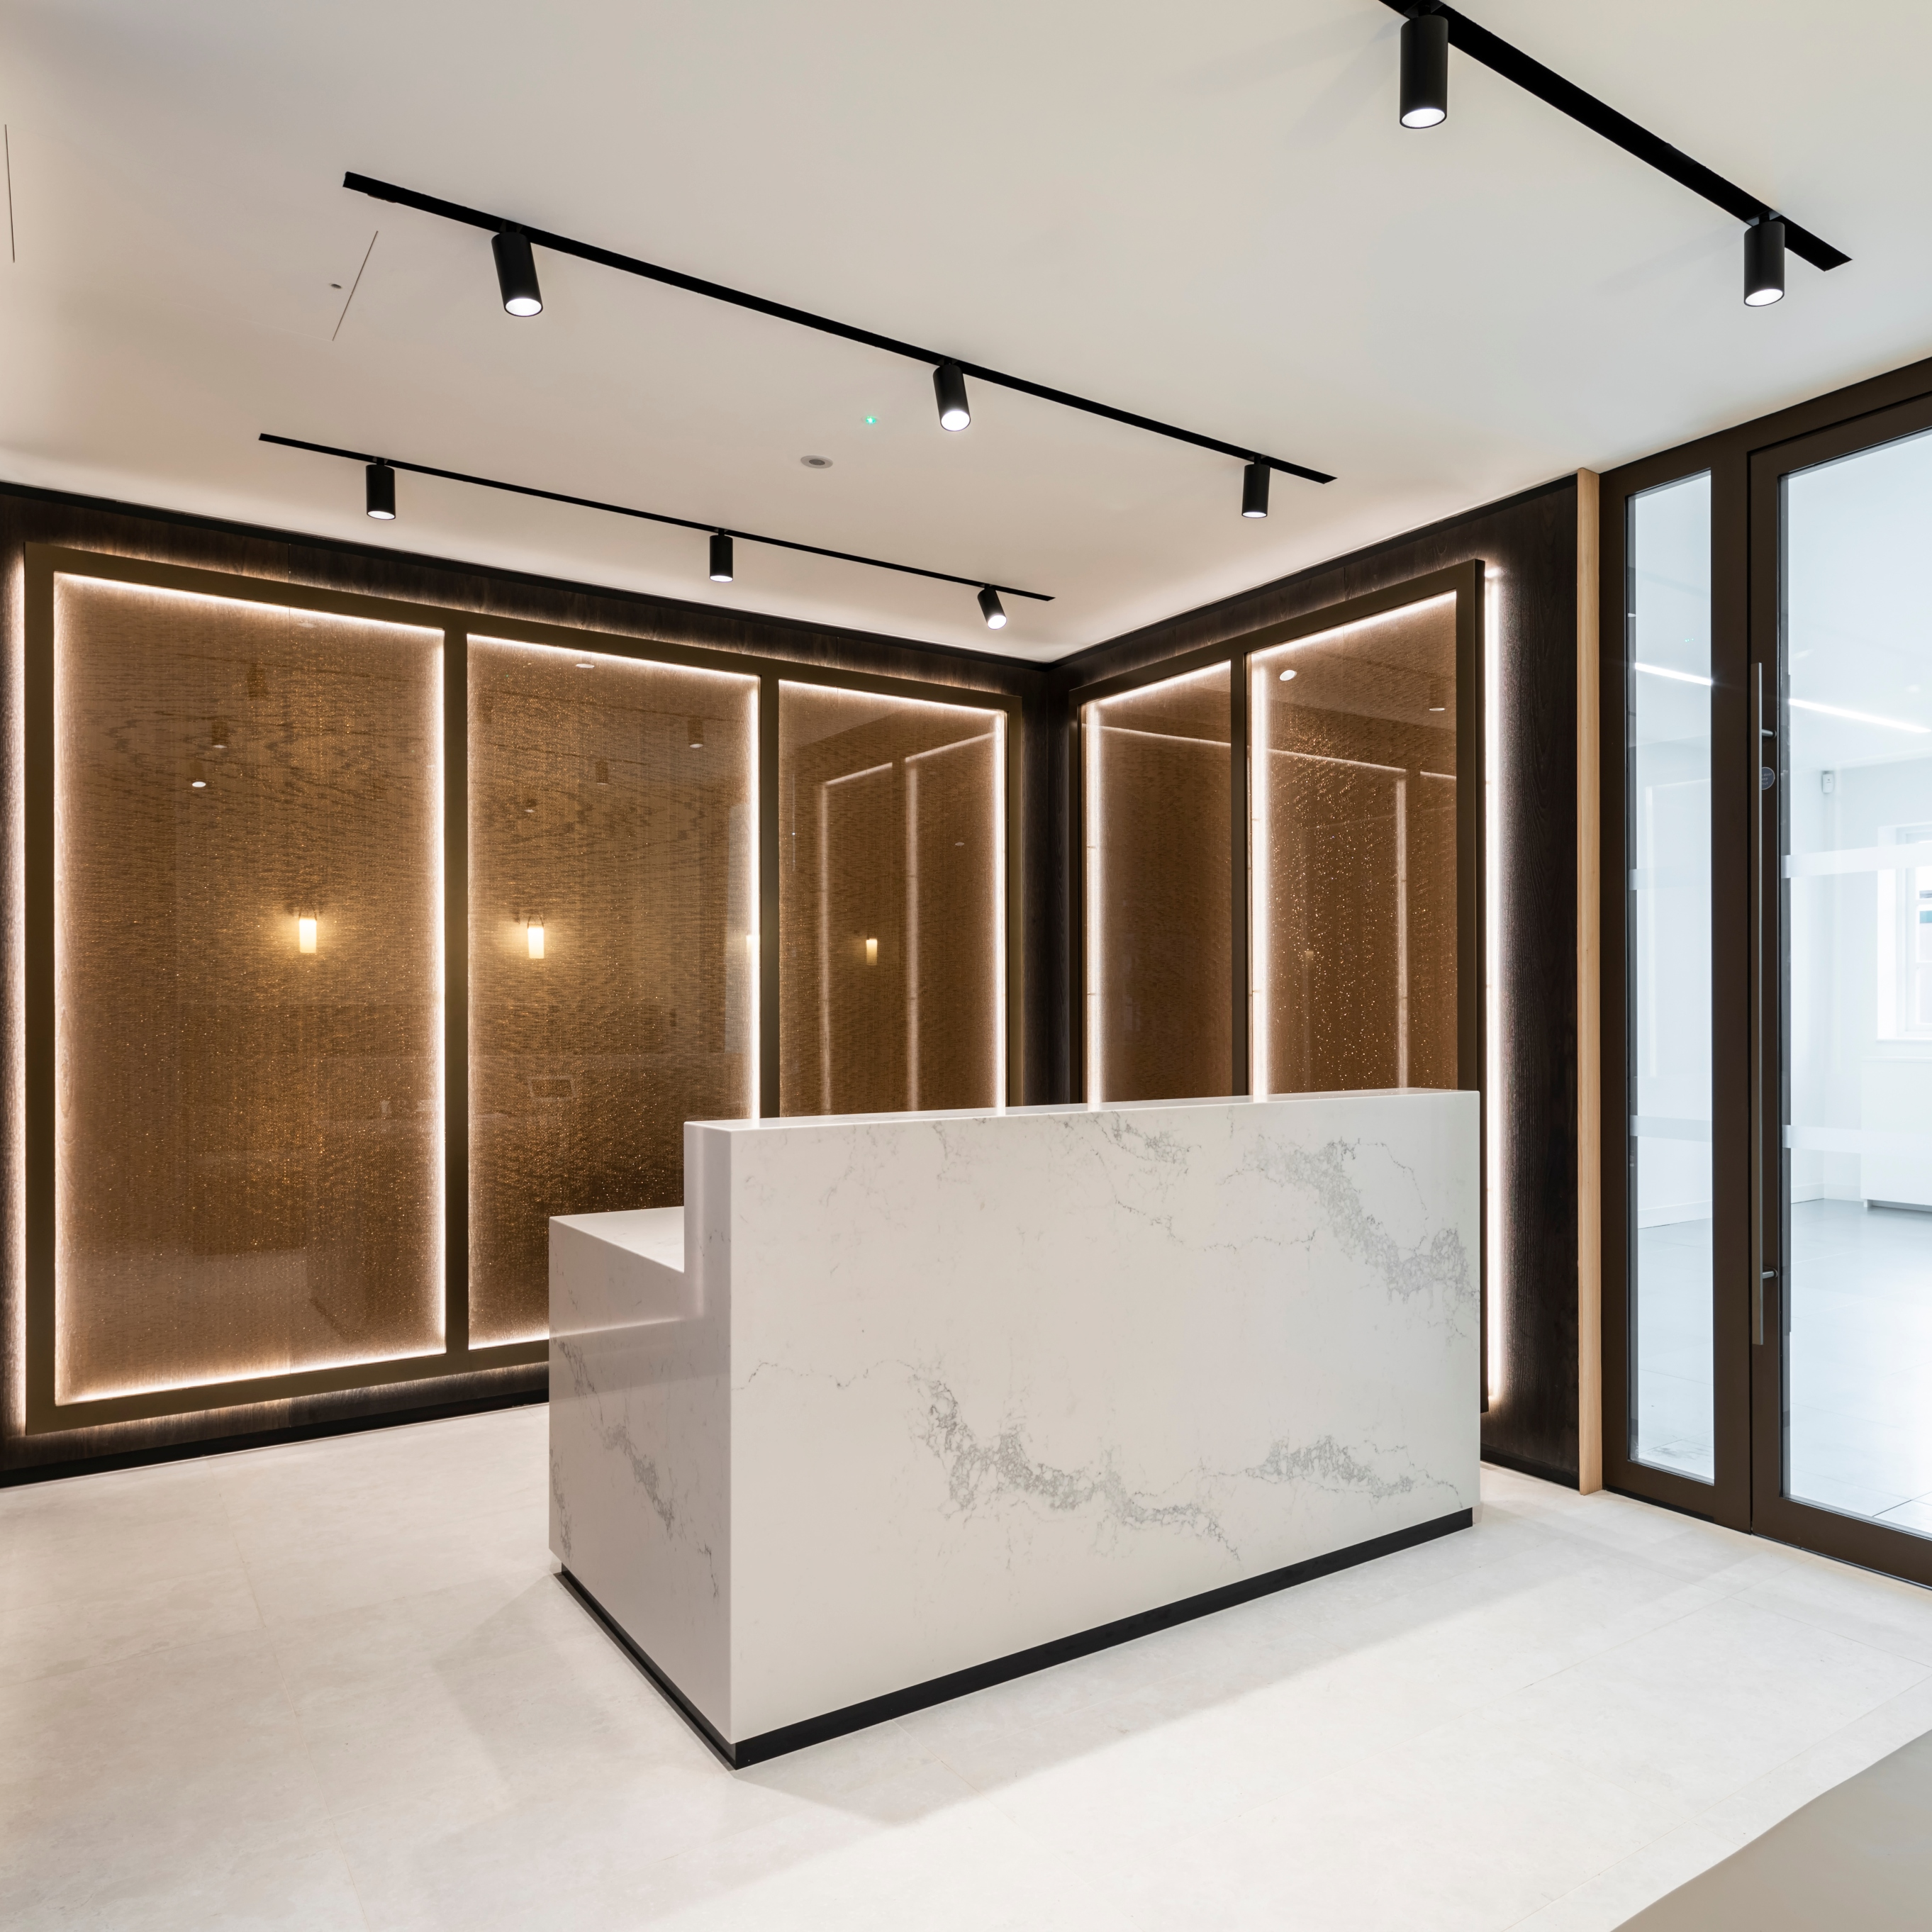 Www Mayfair: British Institute Of Interior Design